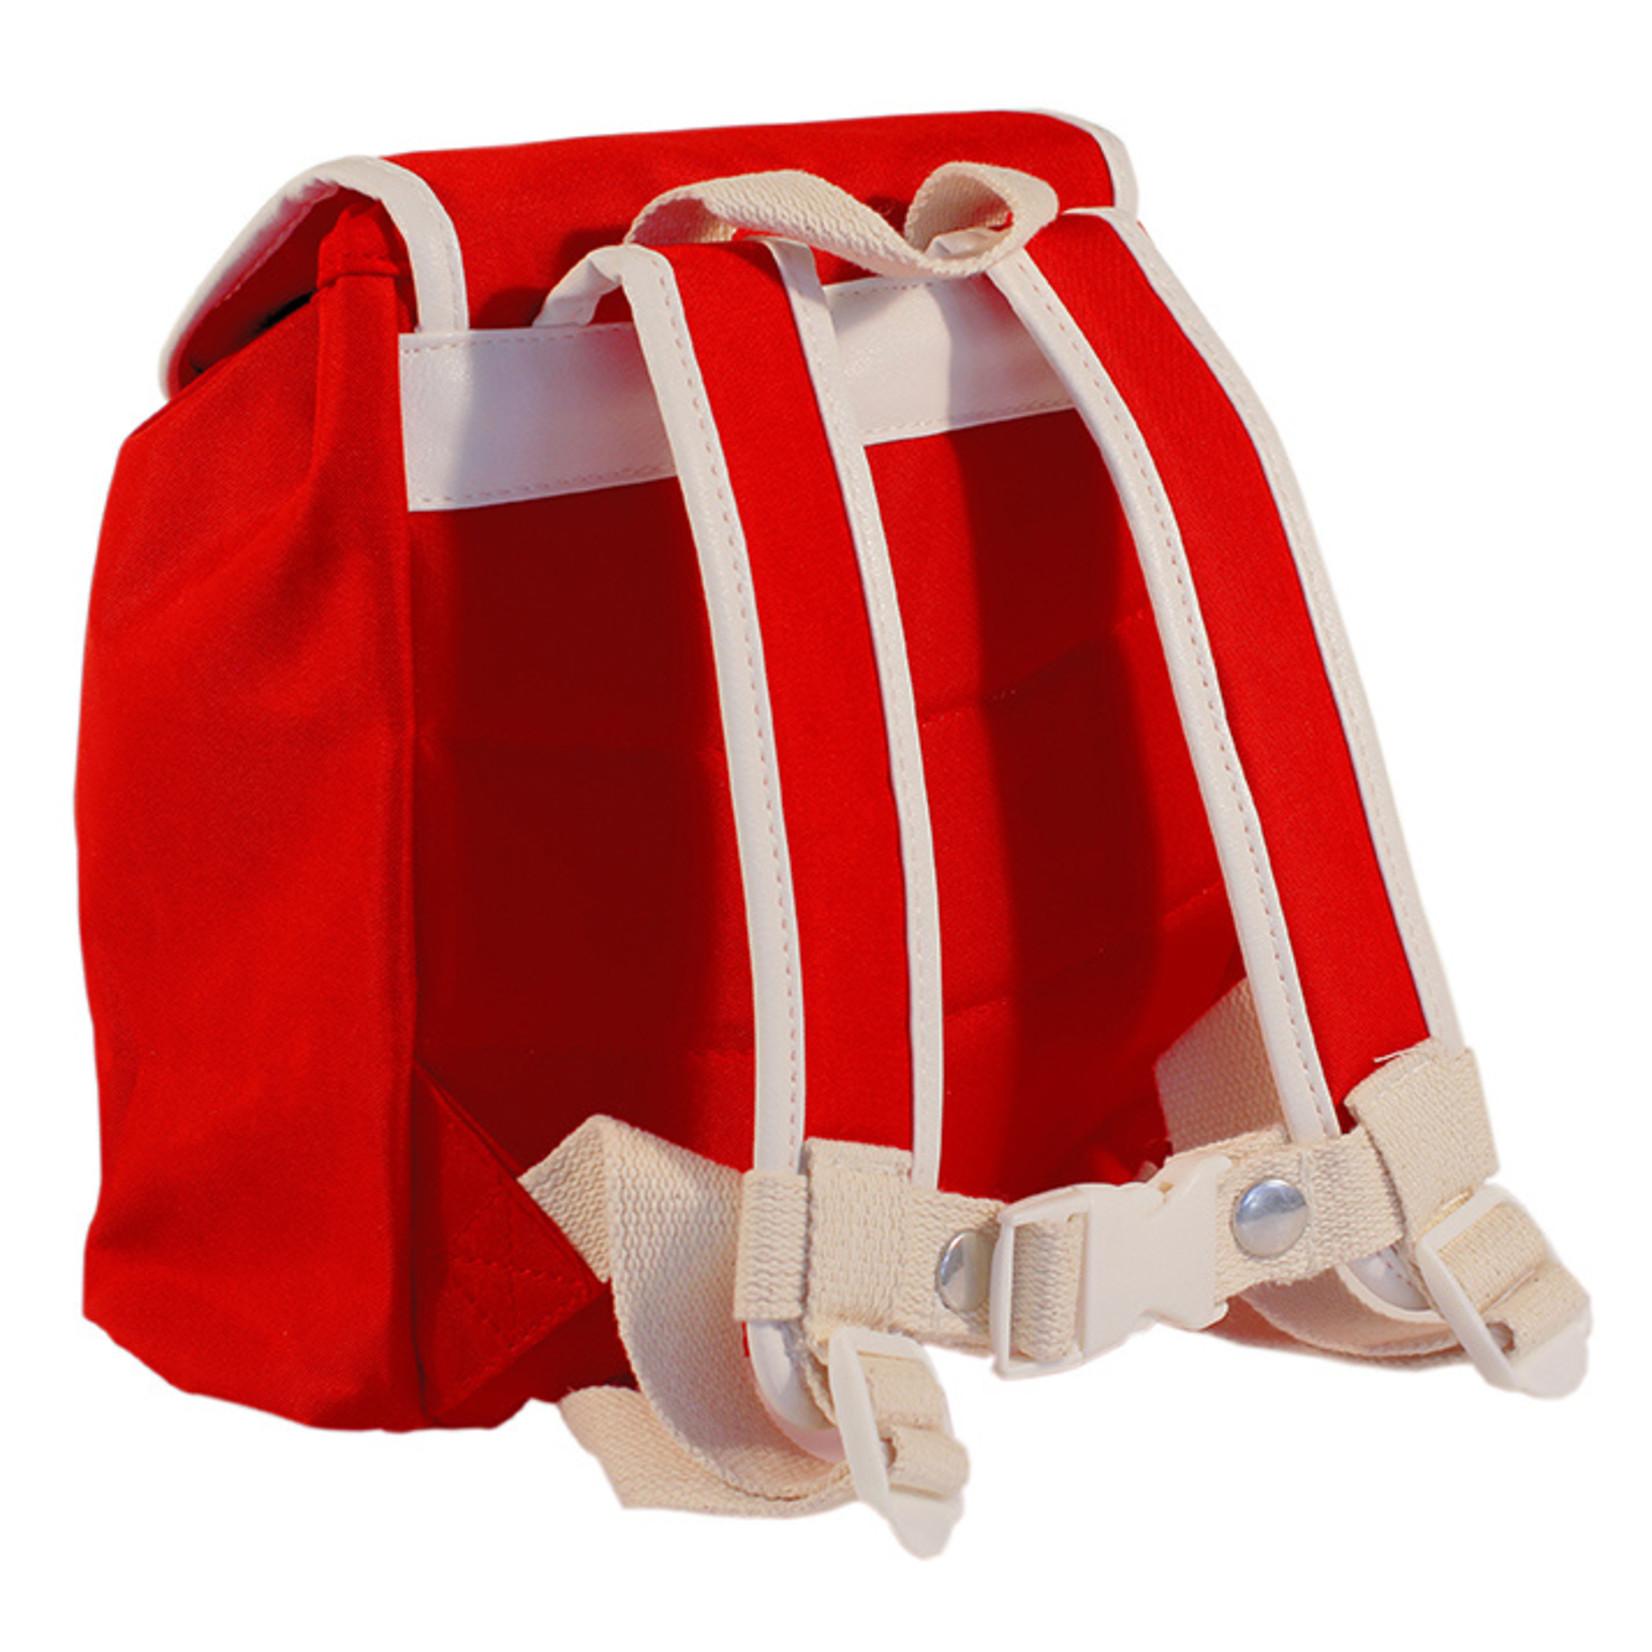 BLAFRE Kindergartenrucksack von Blafre in Rot | 3-5 Jahre